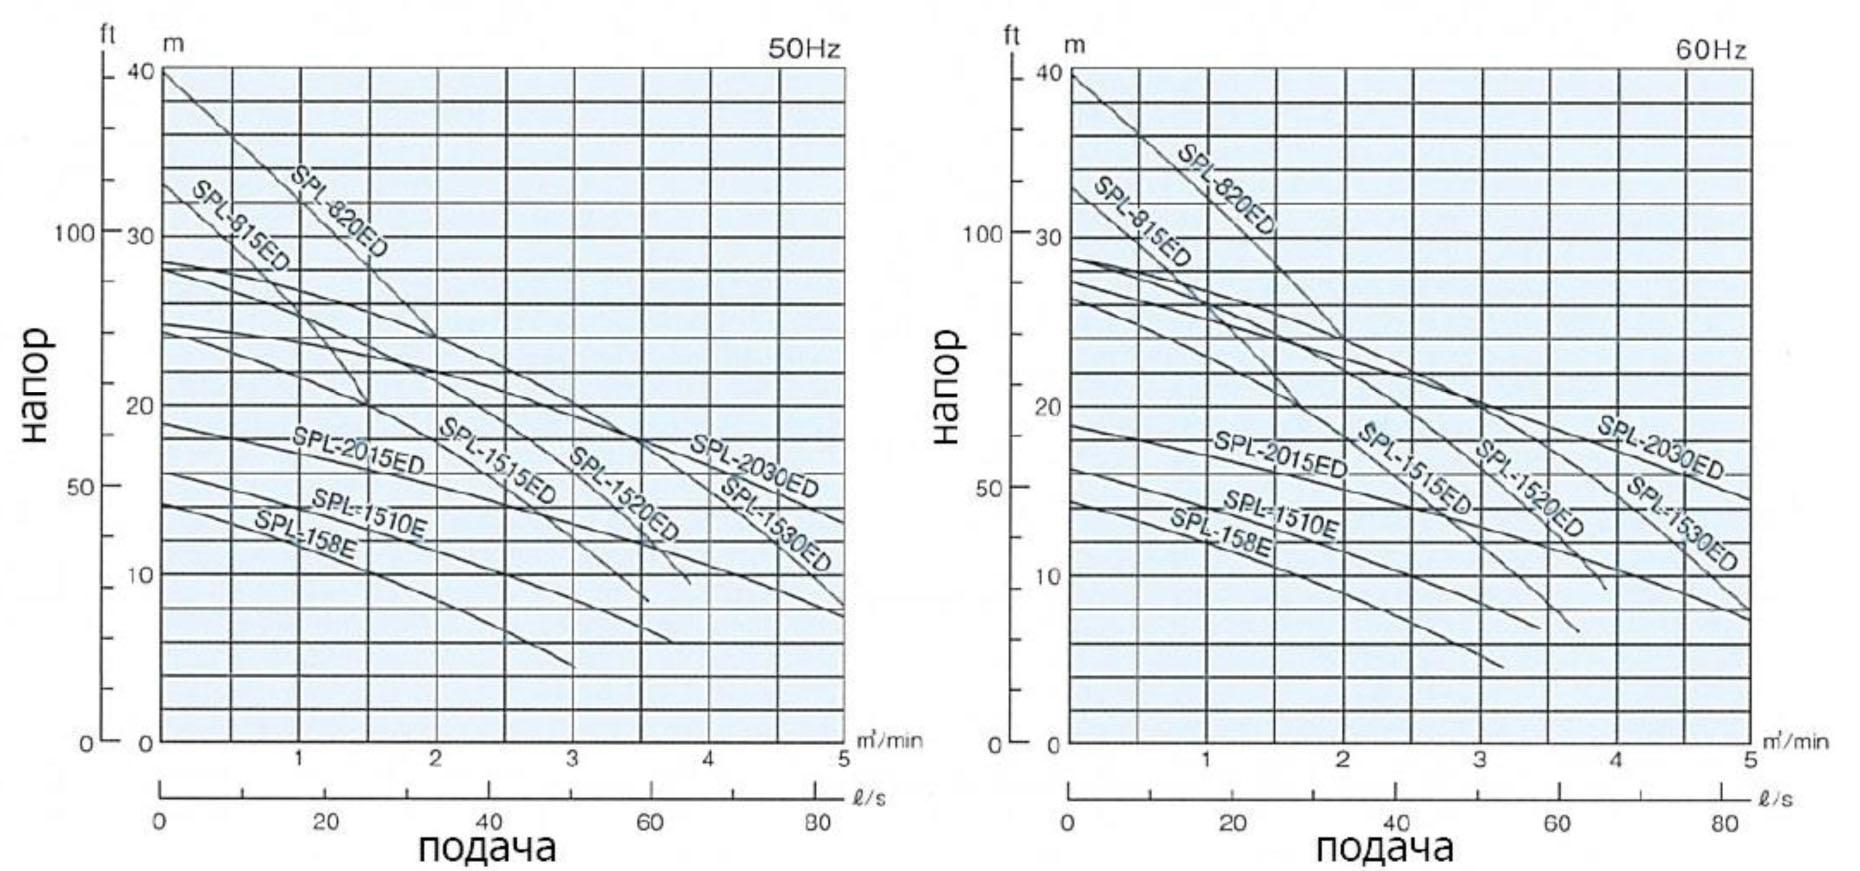 SPL-158E до -2030ED (50Гц/60Гц)